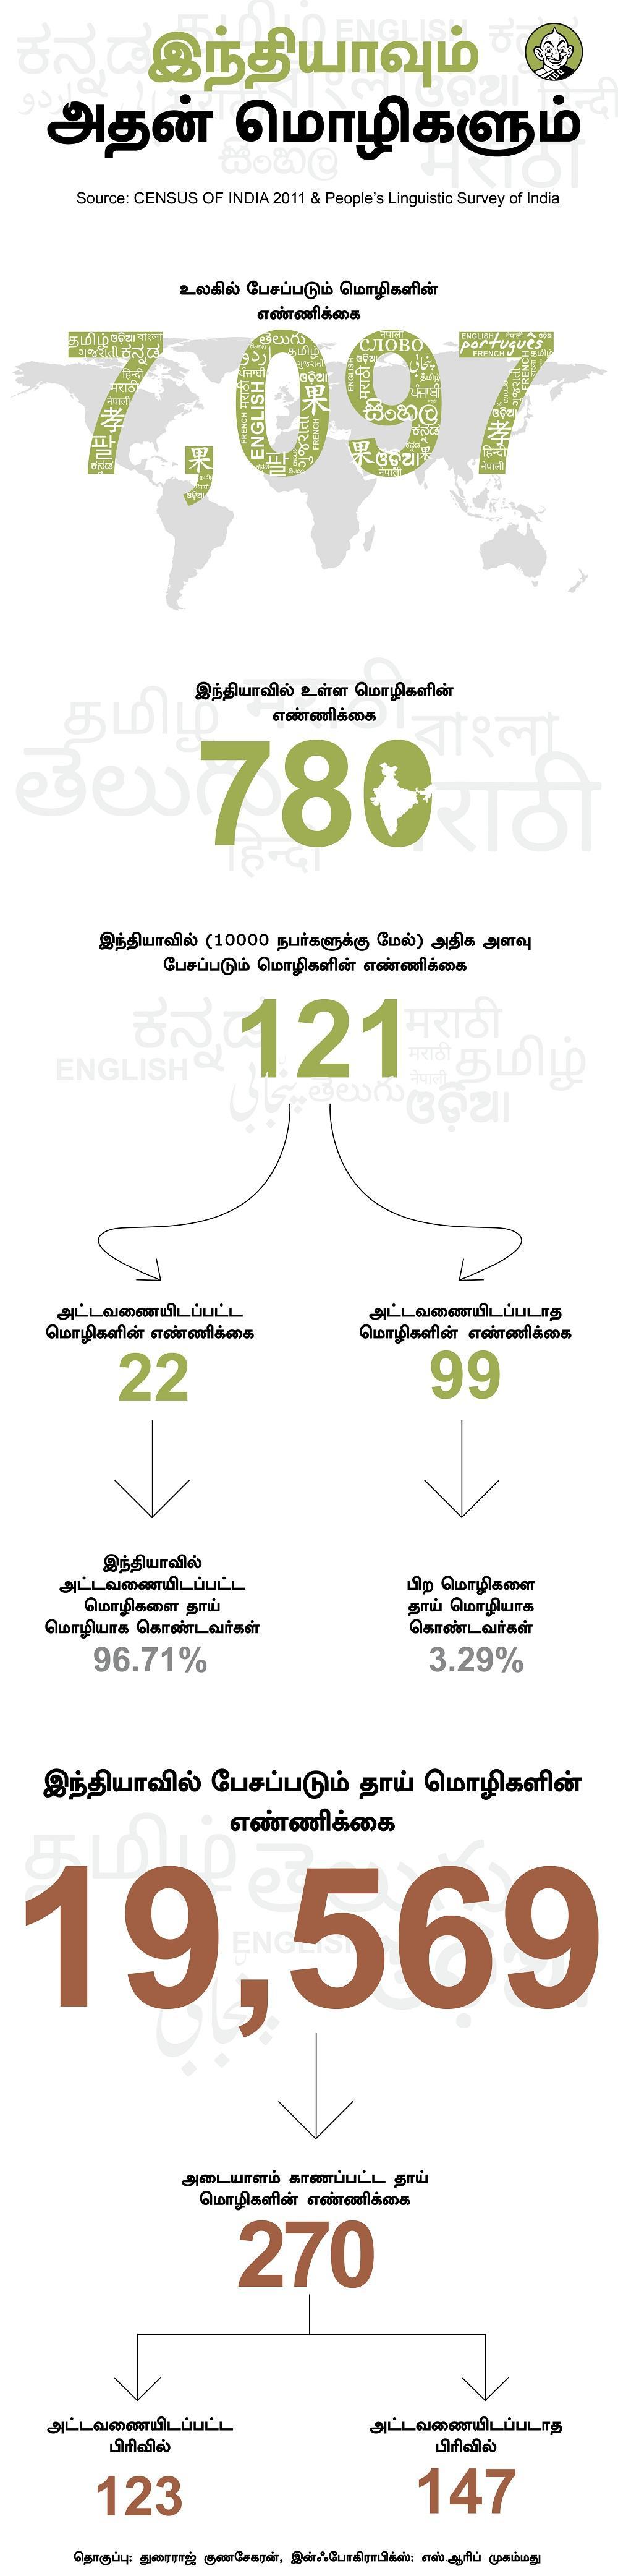 இந்தியாவில் உள்ள மொழிகள்